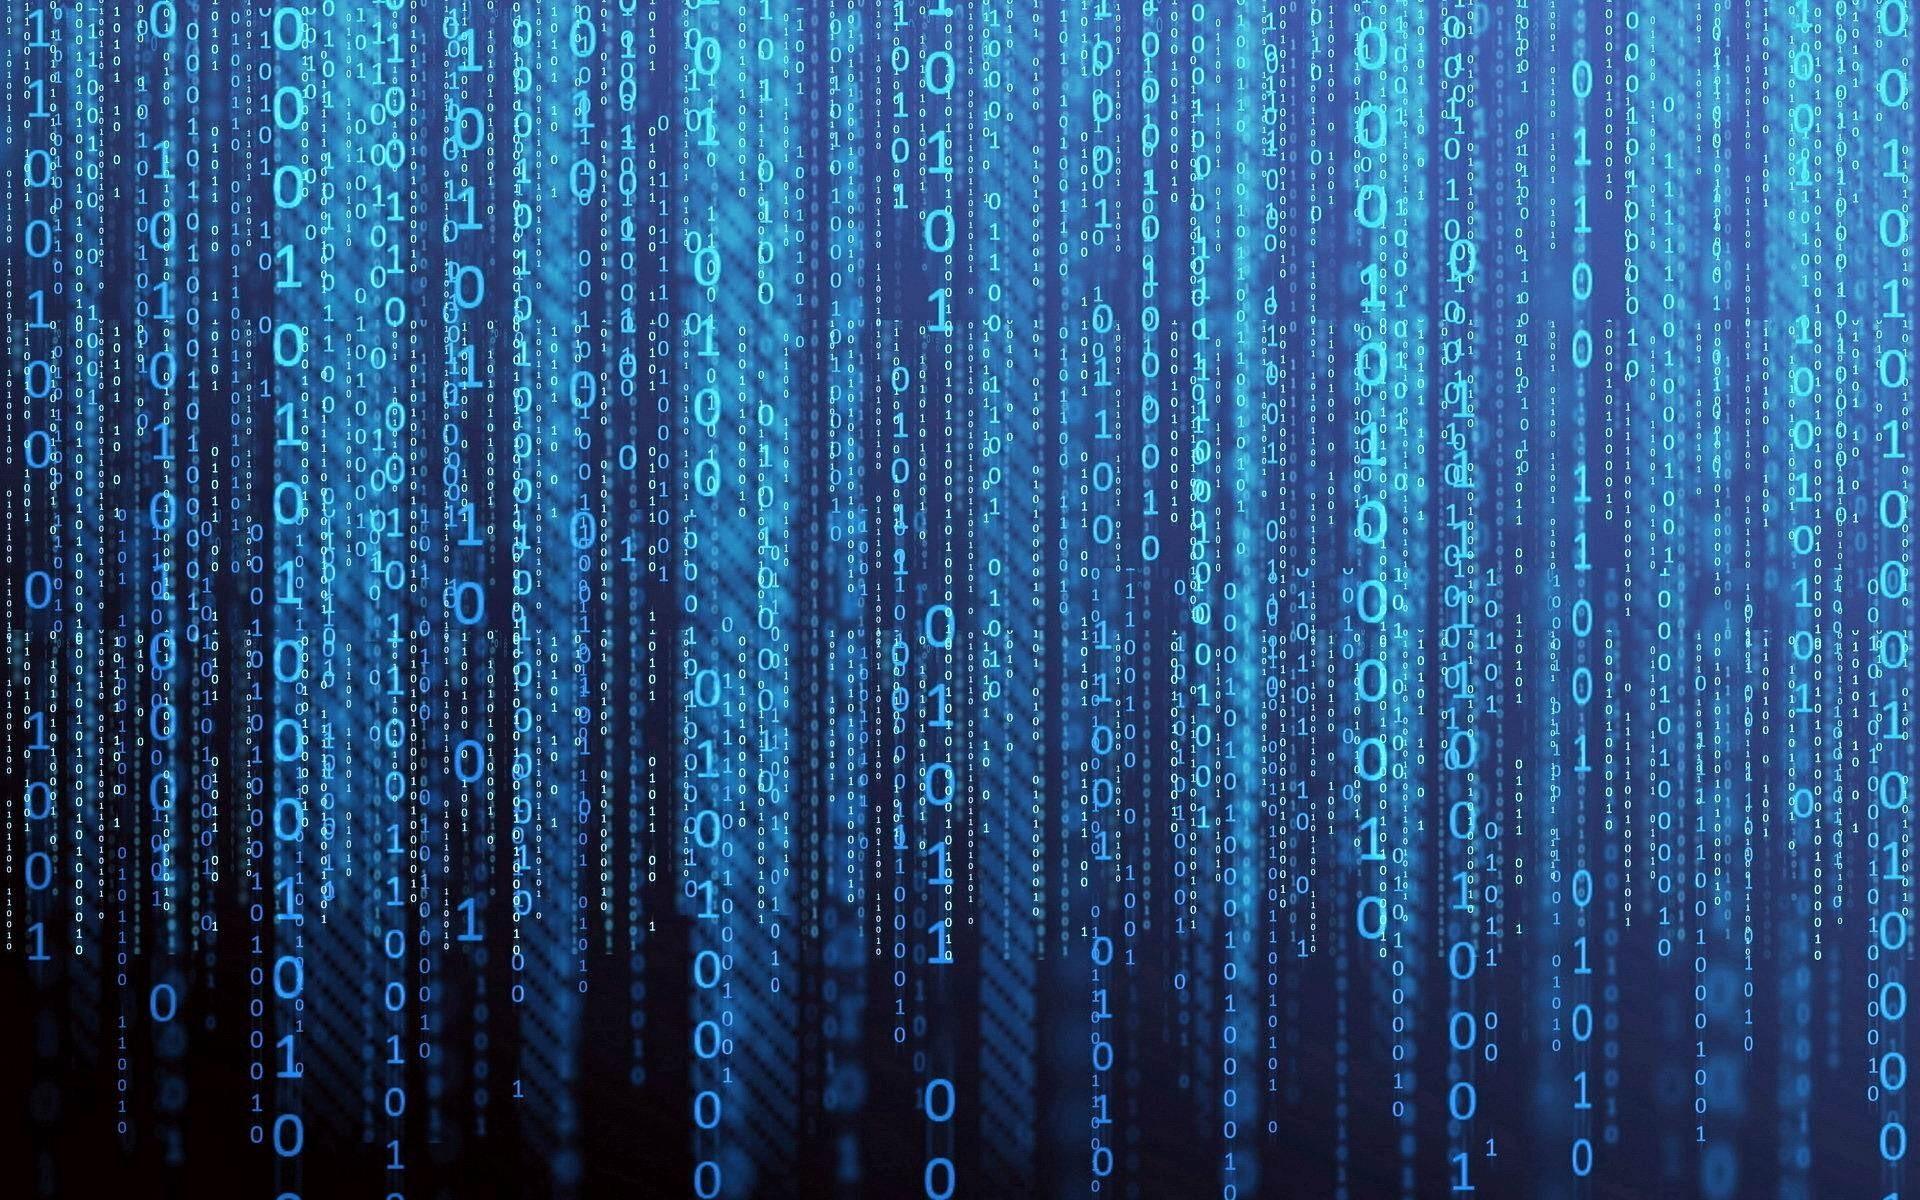 animated matrix background for desktop